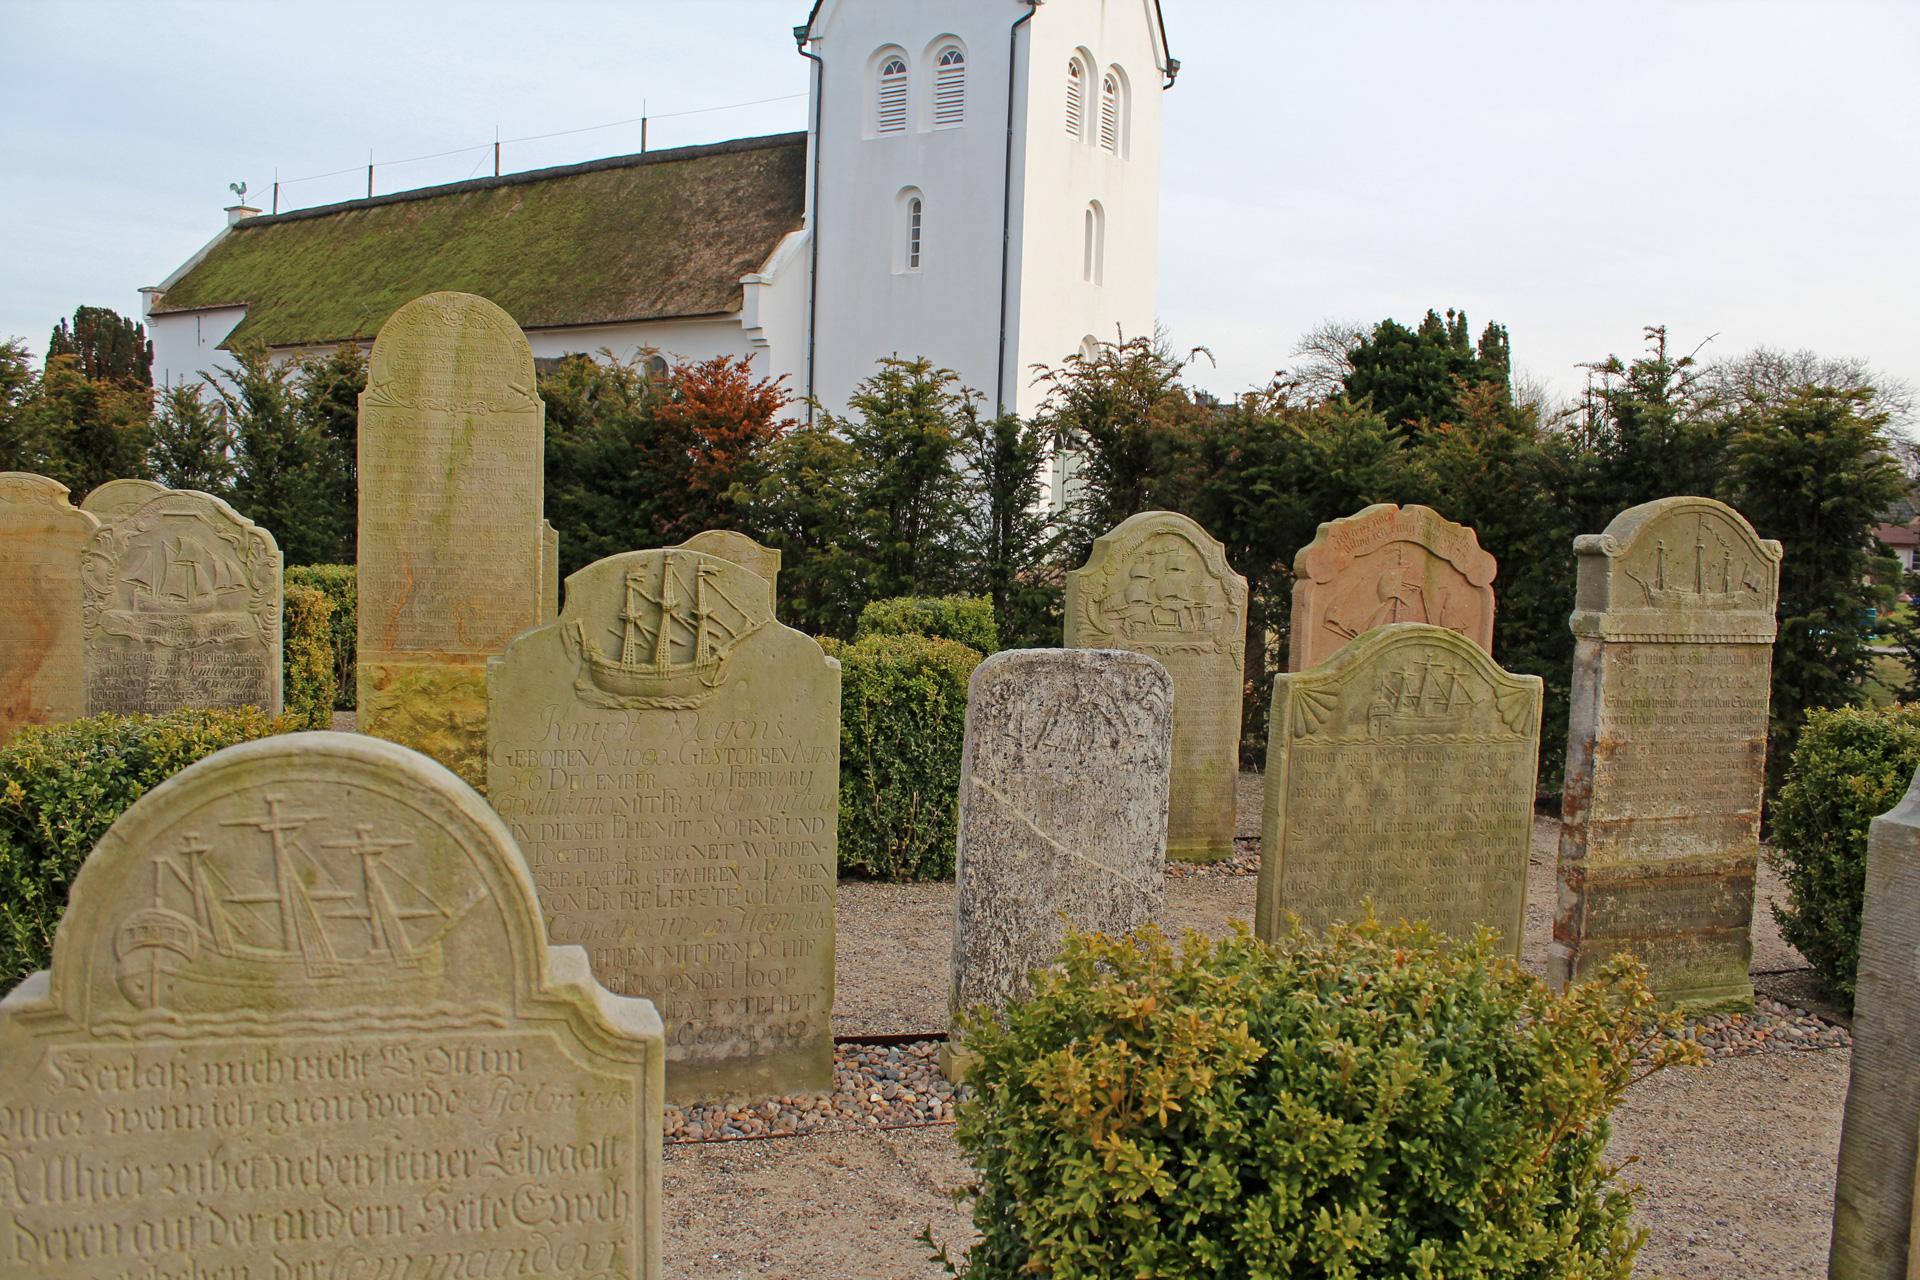 Friedhof der Kirche von Nebel auf Amrum